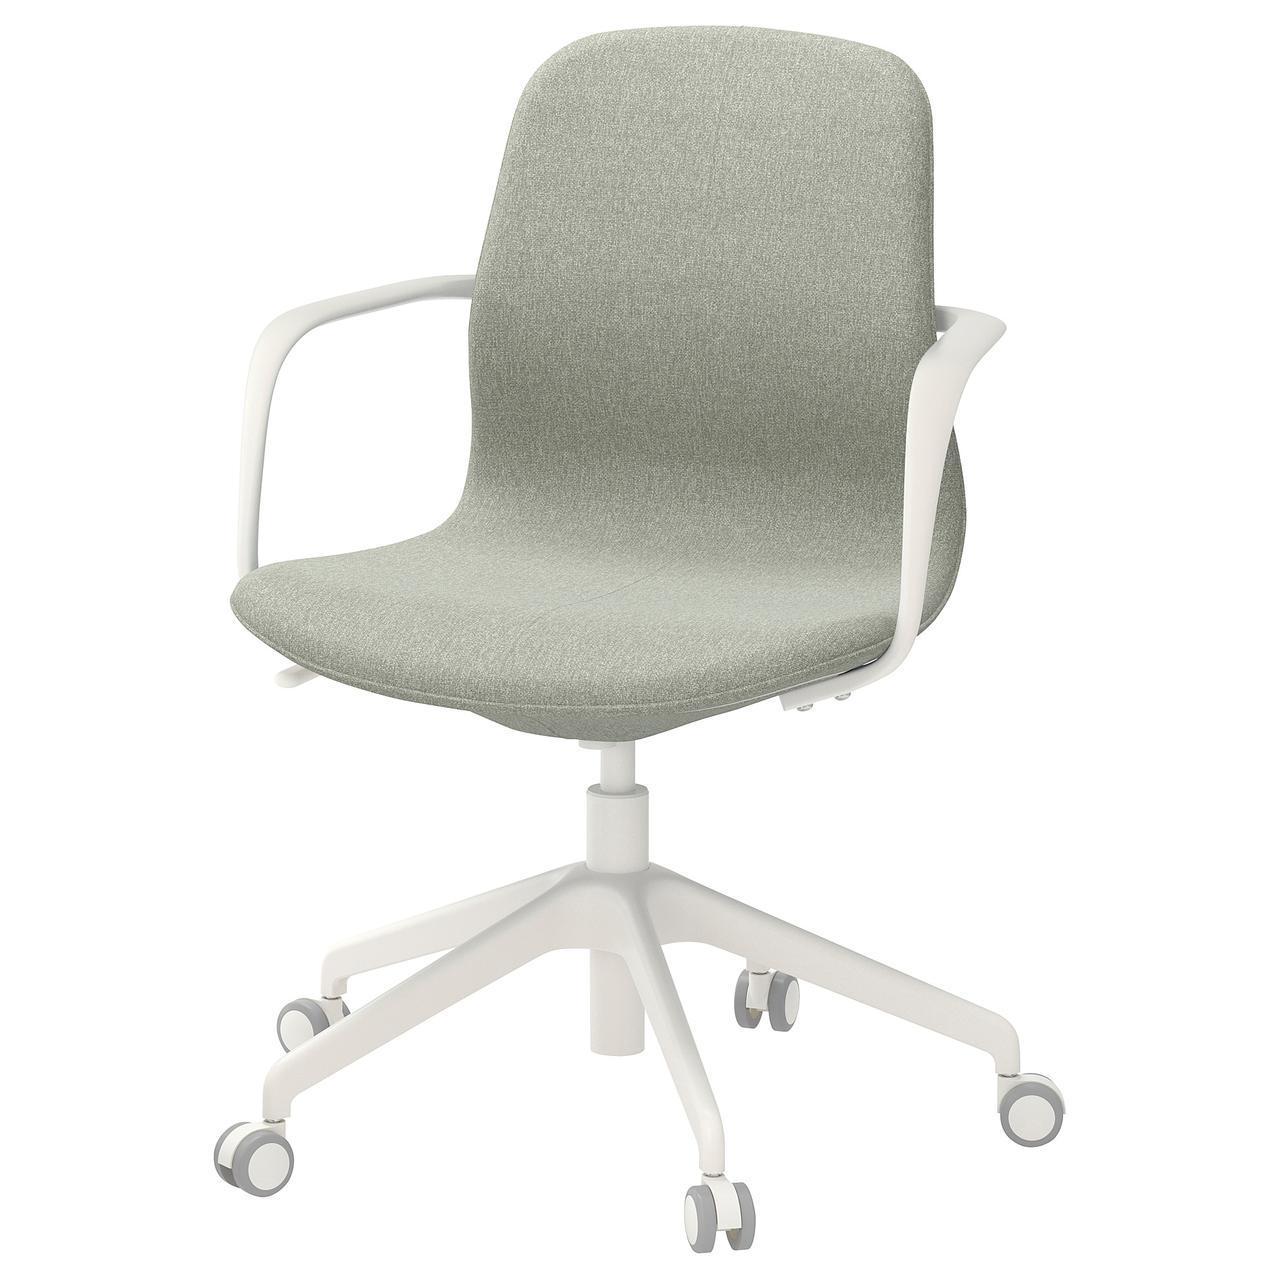 Компьютерное кресло IKEA LÅNGFJÄLL Gunnared светло-зеленое белое 192.527.81